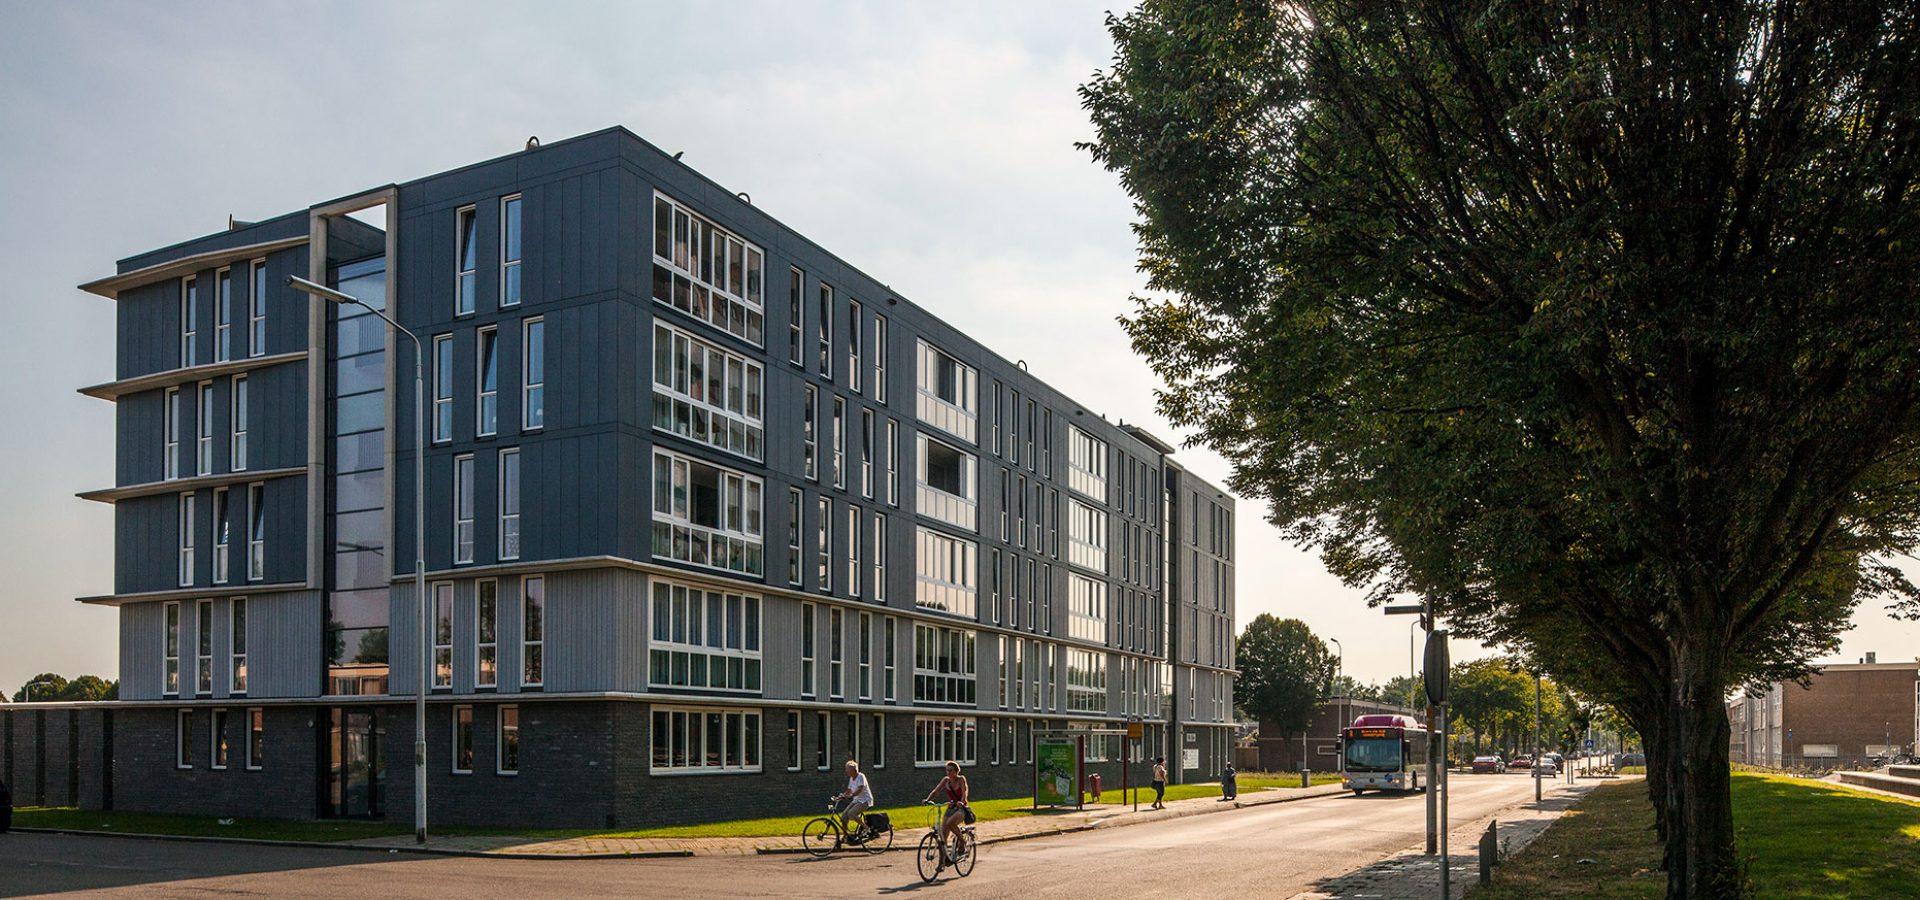 FARO architecten zorgappartementen Hatert Nijmegen 02